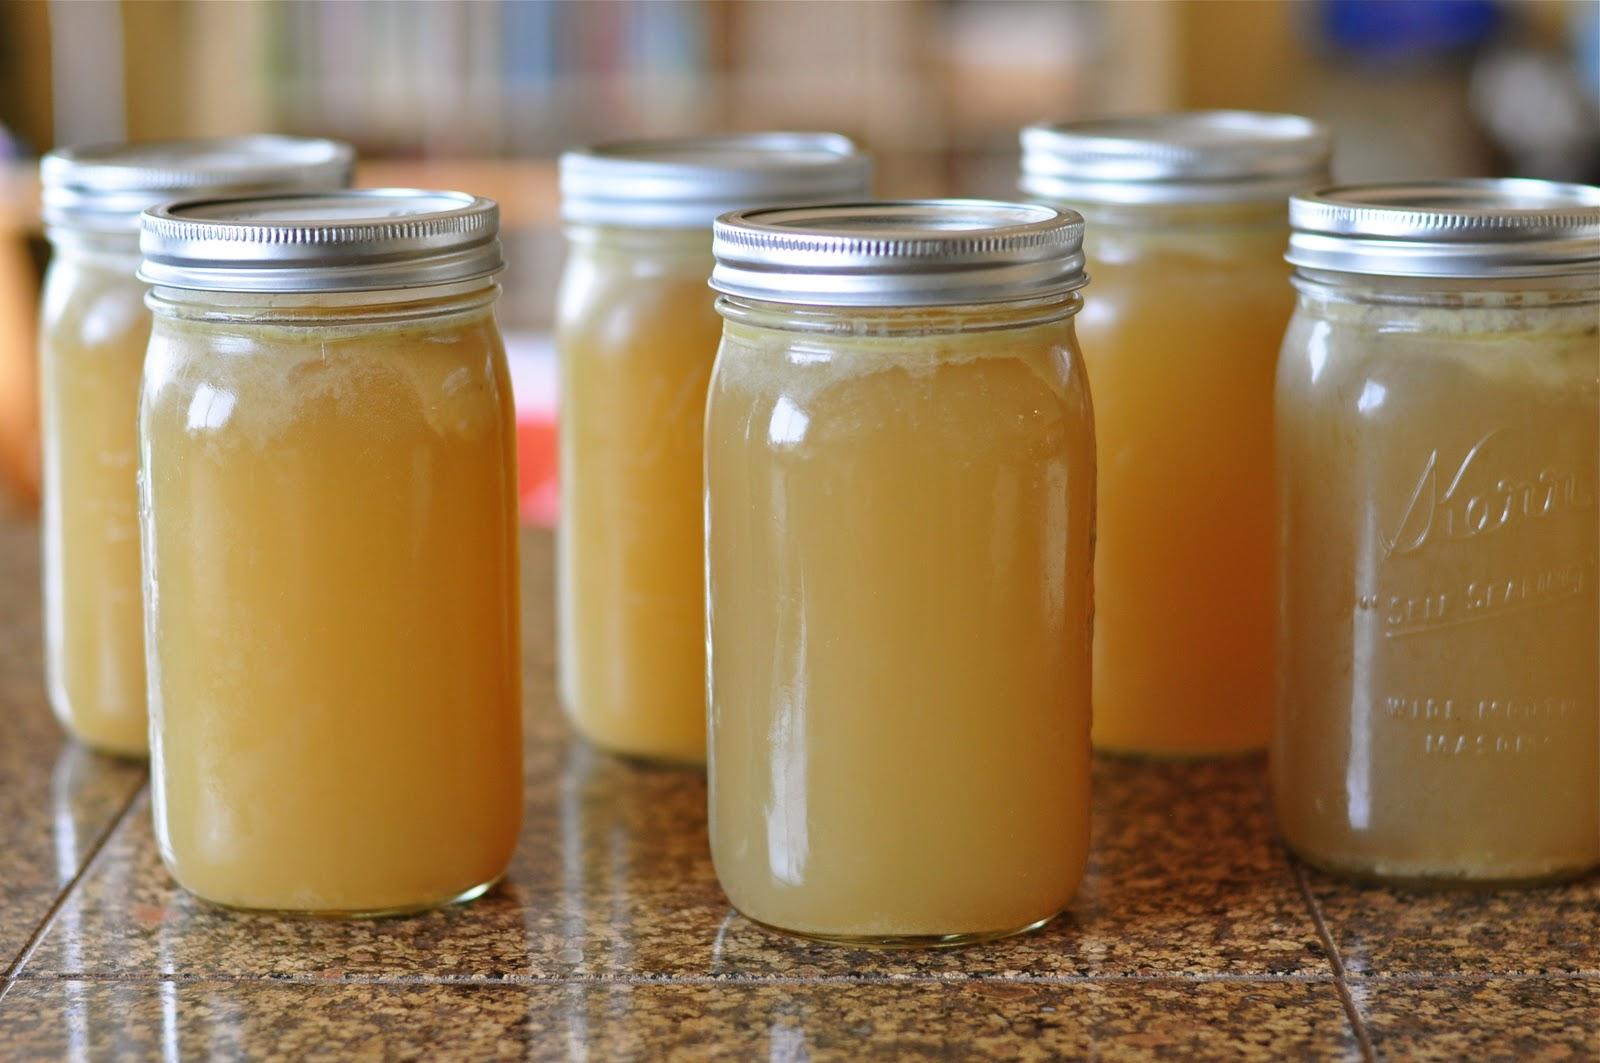 Caldo estocado em frascos para serem congelados e consumidos gradualmente.